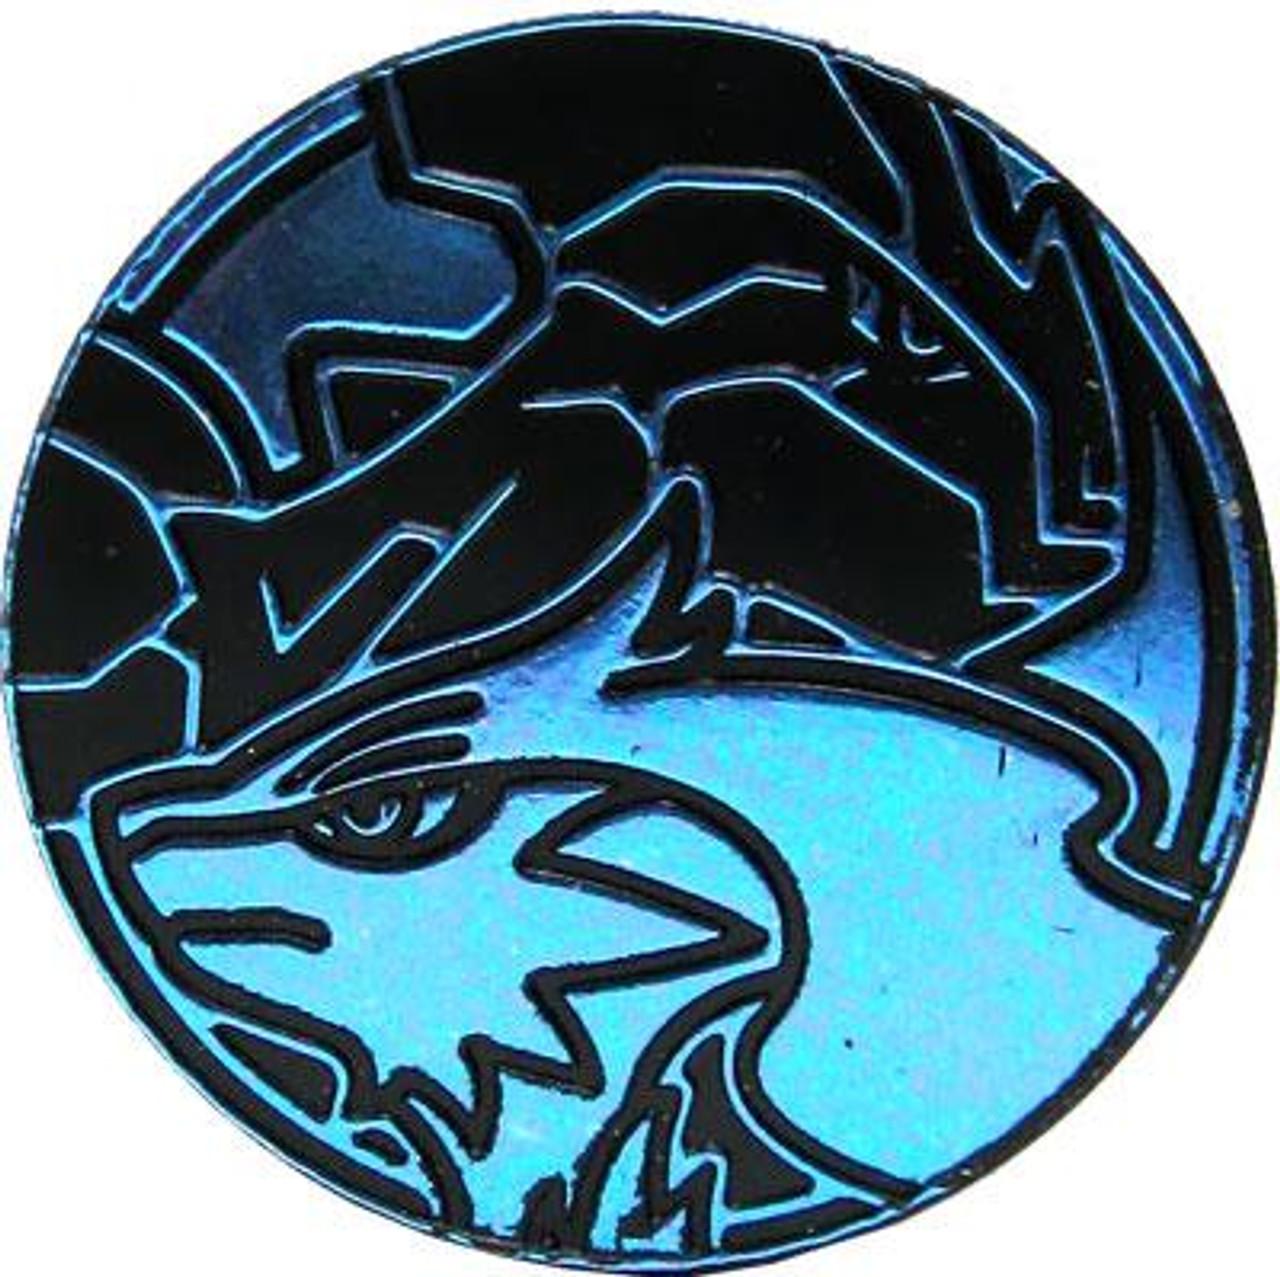 Nintendo Pokemon Zekrom & Reshiram Plastic Coin [Blue]